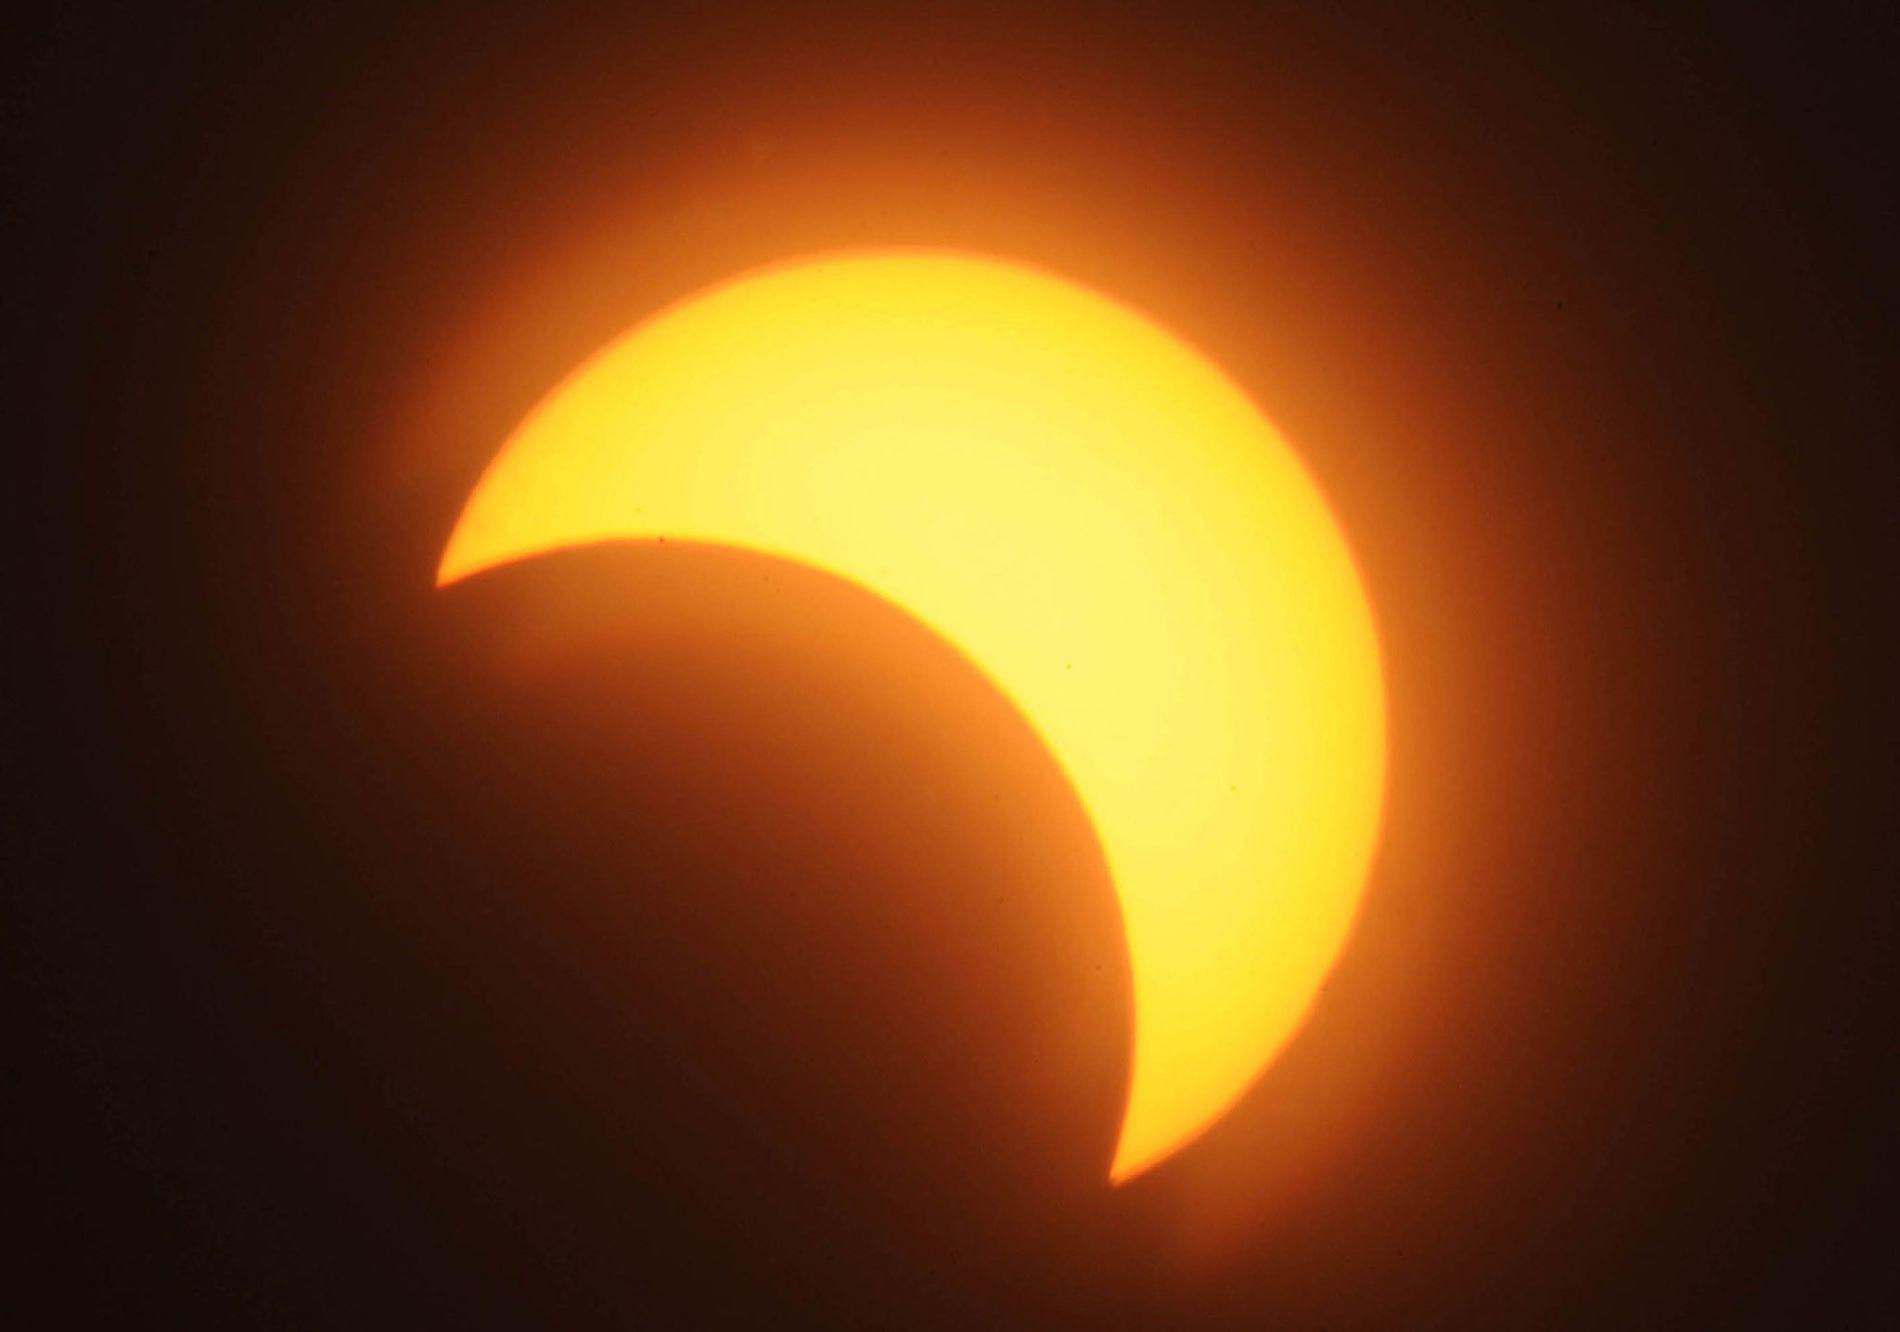 Un eclipse solar parcial brilla sobra la capital de Sudán, Jartum, el 3 de noviembre de 2013.